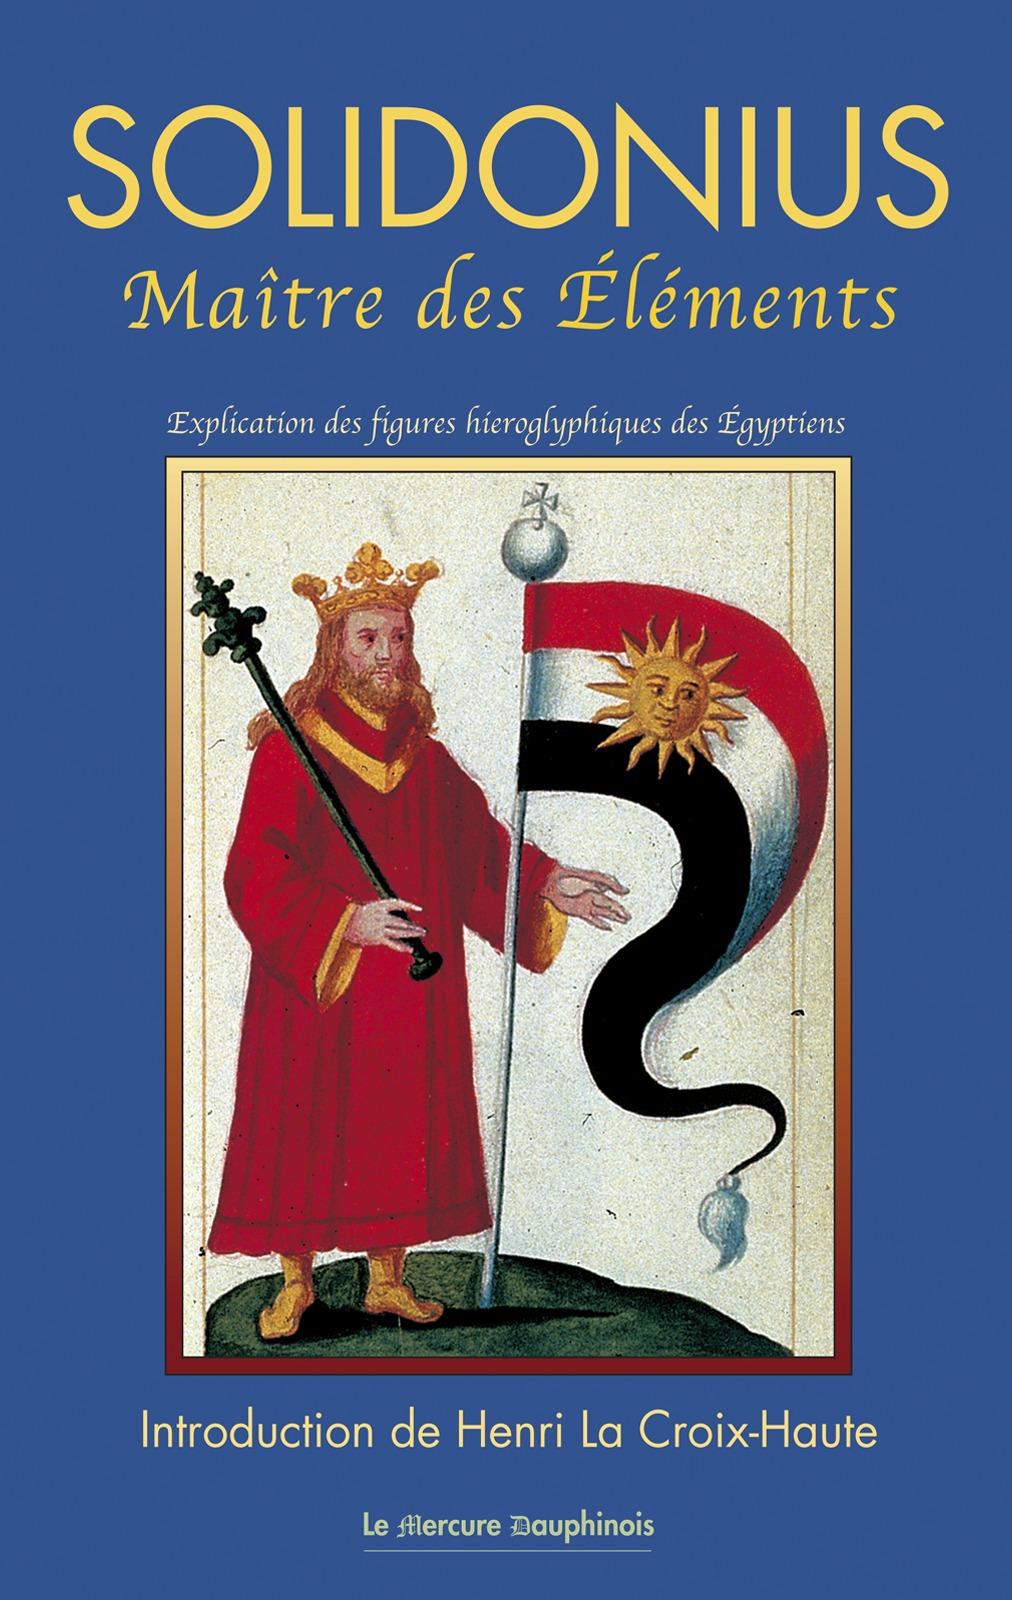 Henri la Croix Haute Solidonius - Maître des Eléments